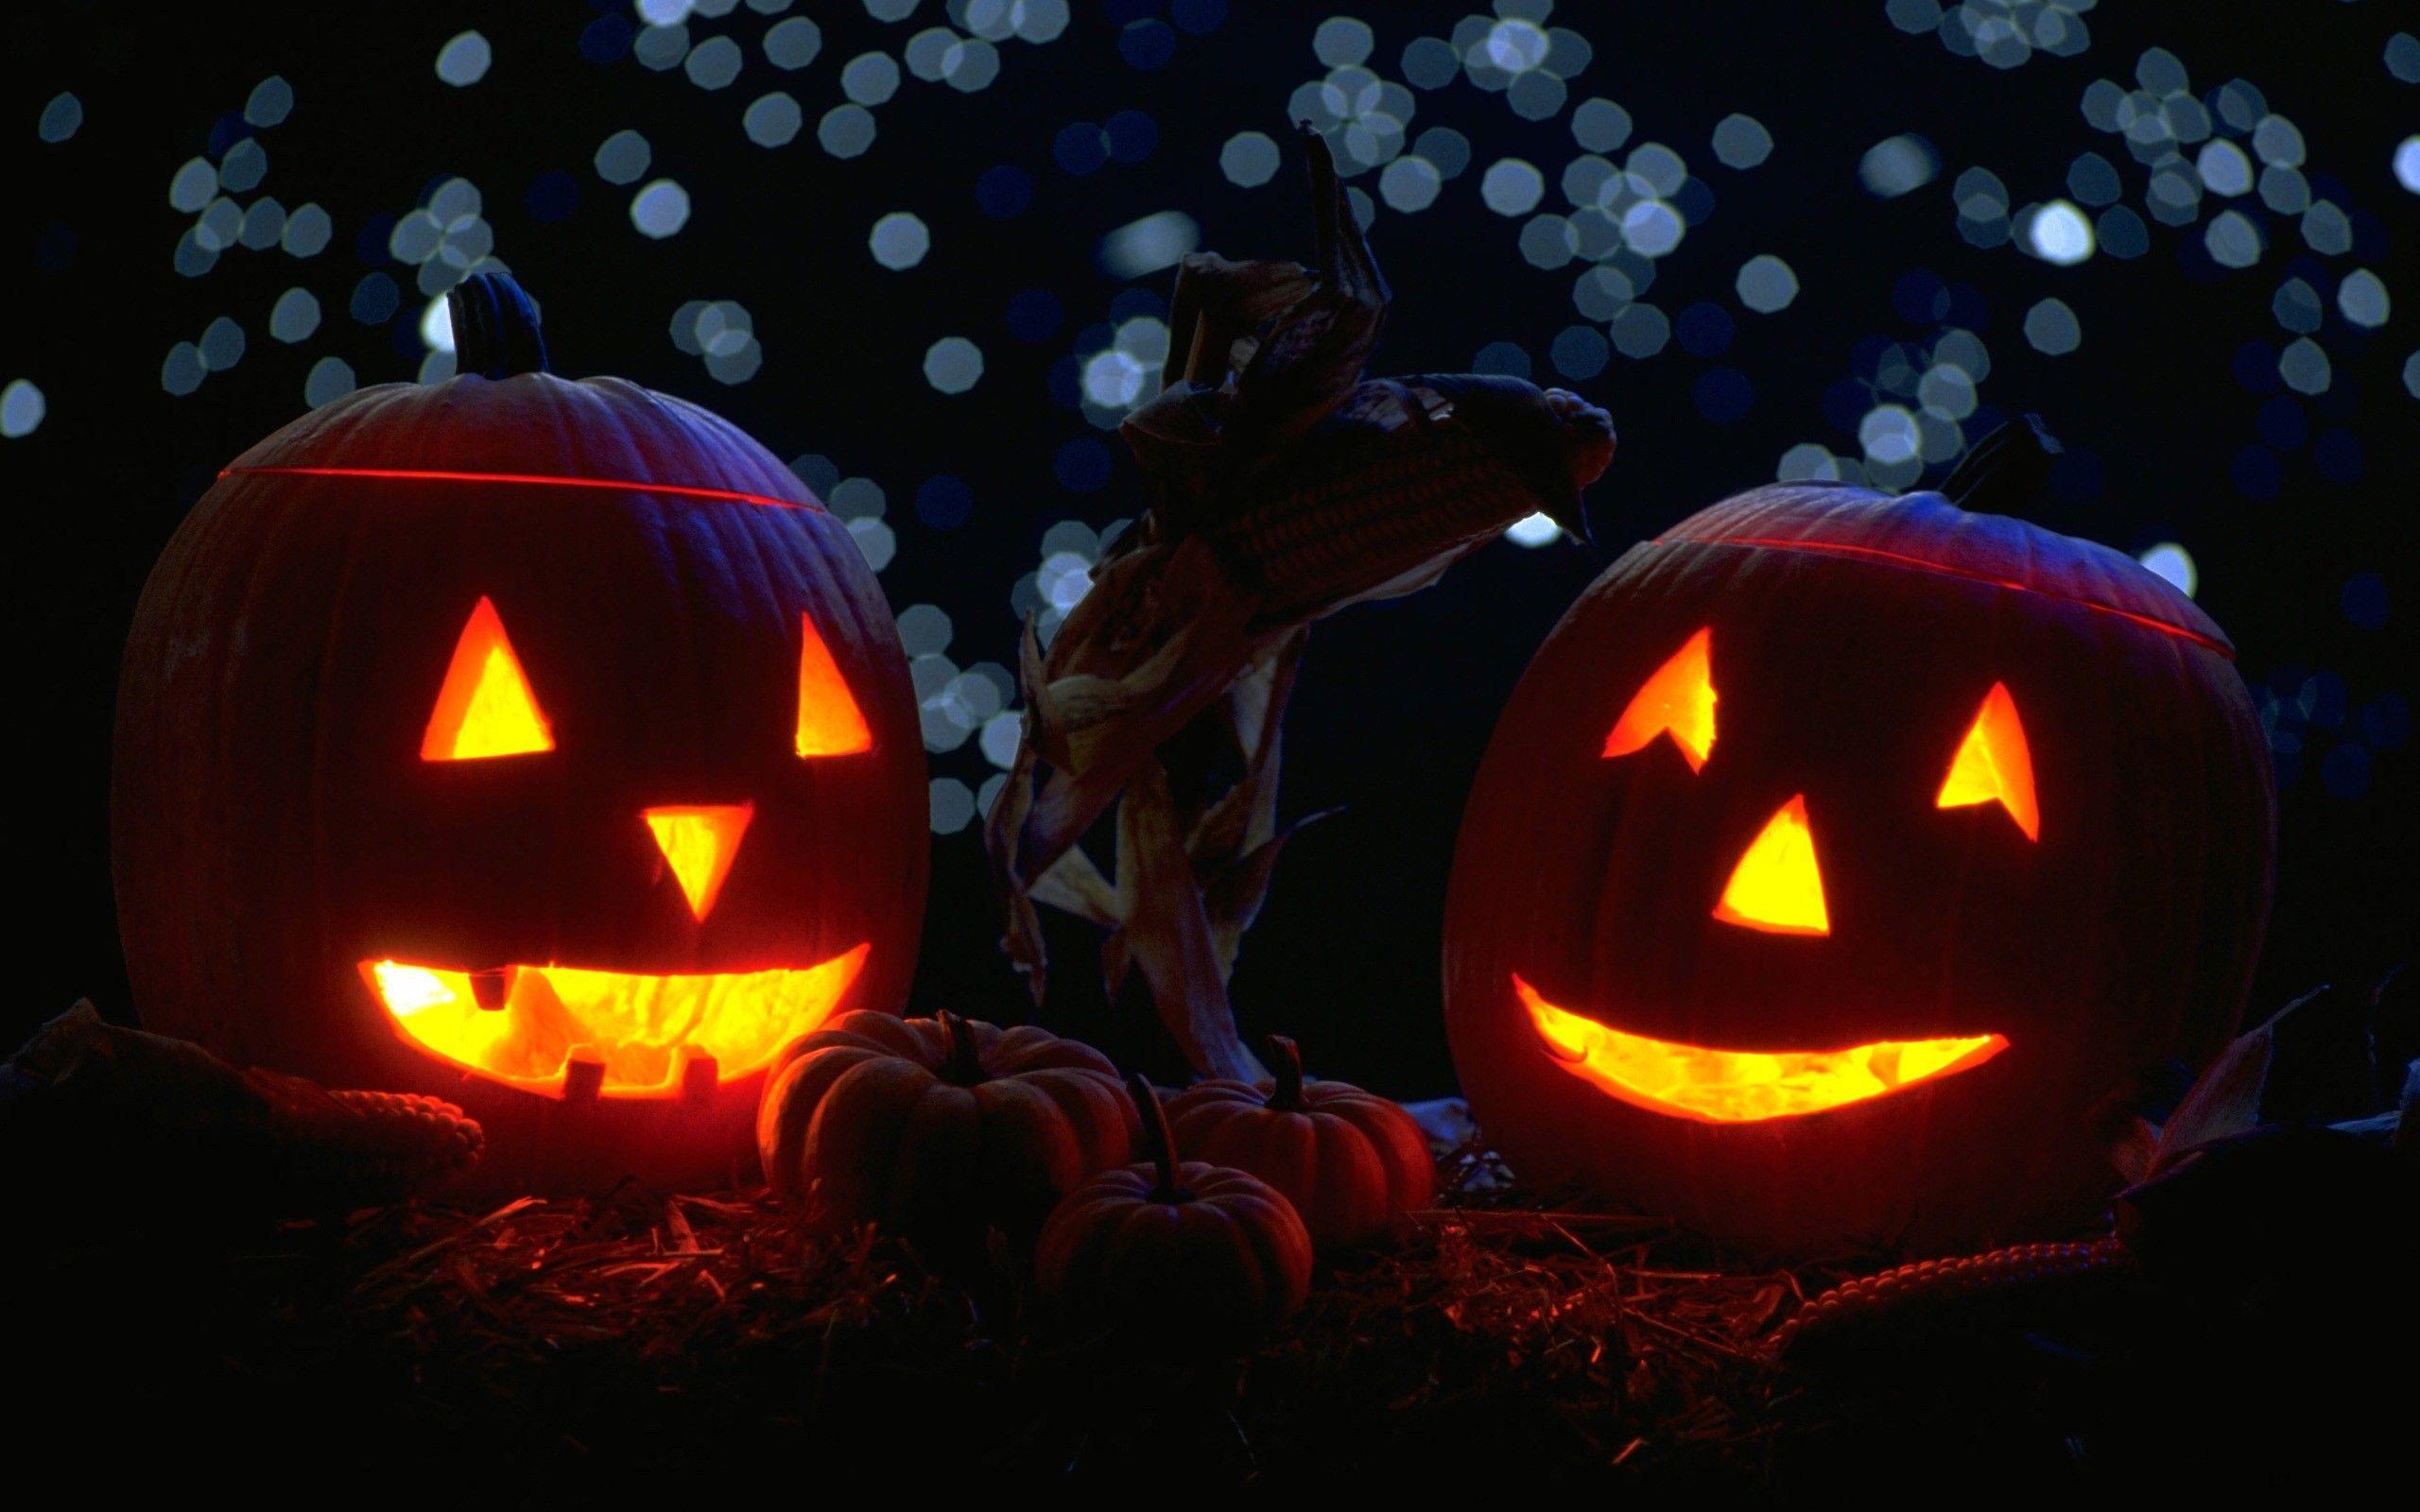 Widescreen Halloween Desktop Wallpapers Top Free Widescreen Halloween Desktop Backgrounds Wallpaperaccess